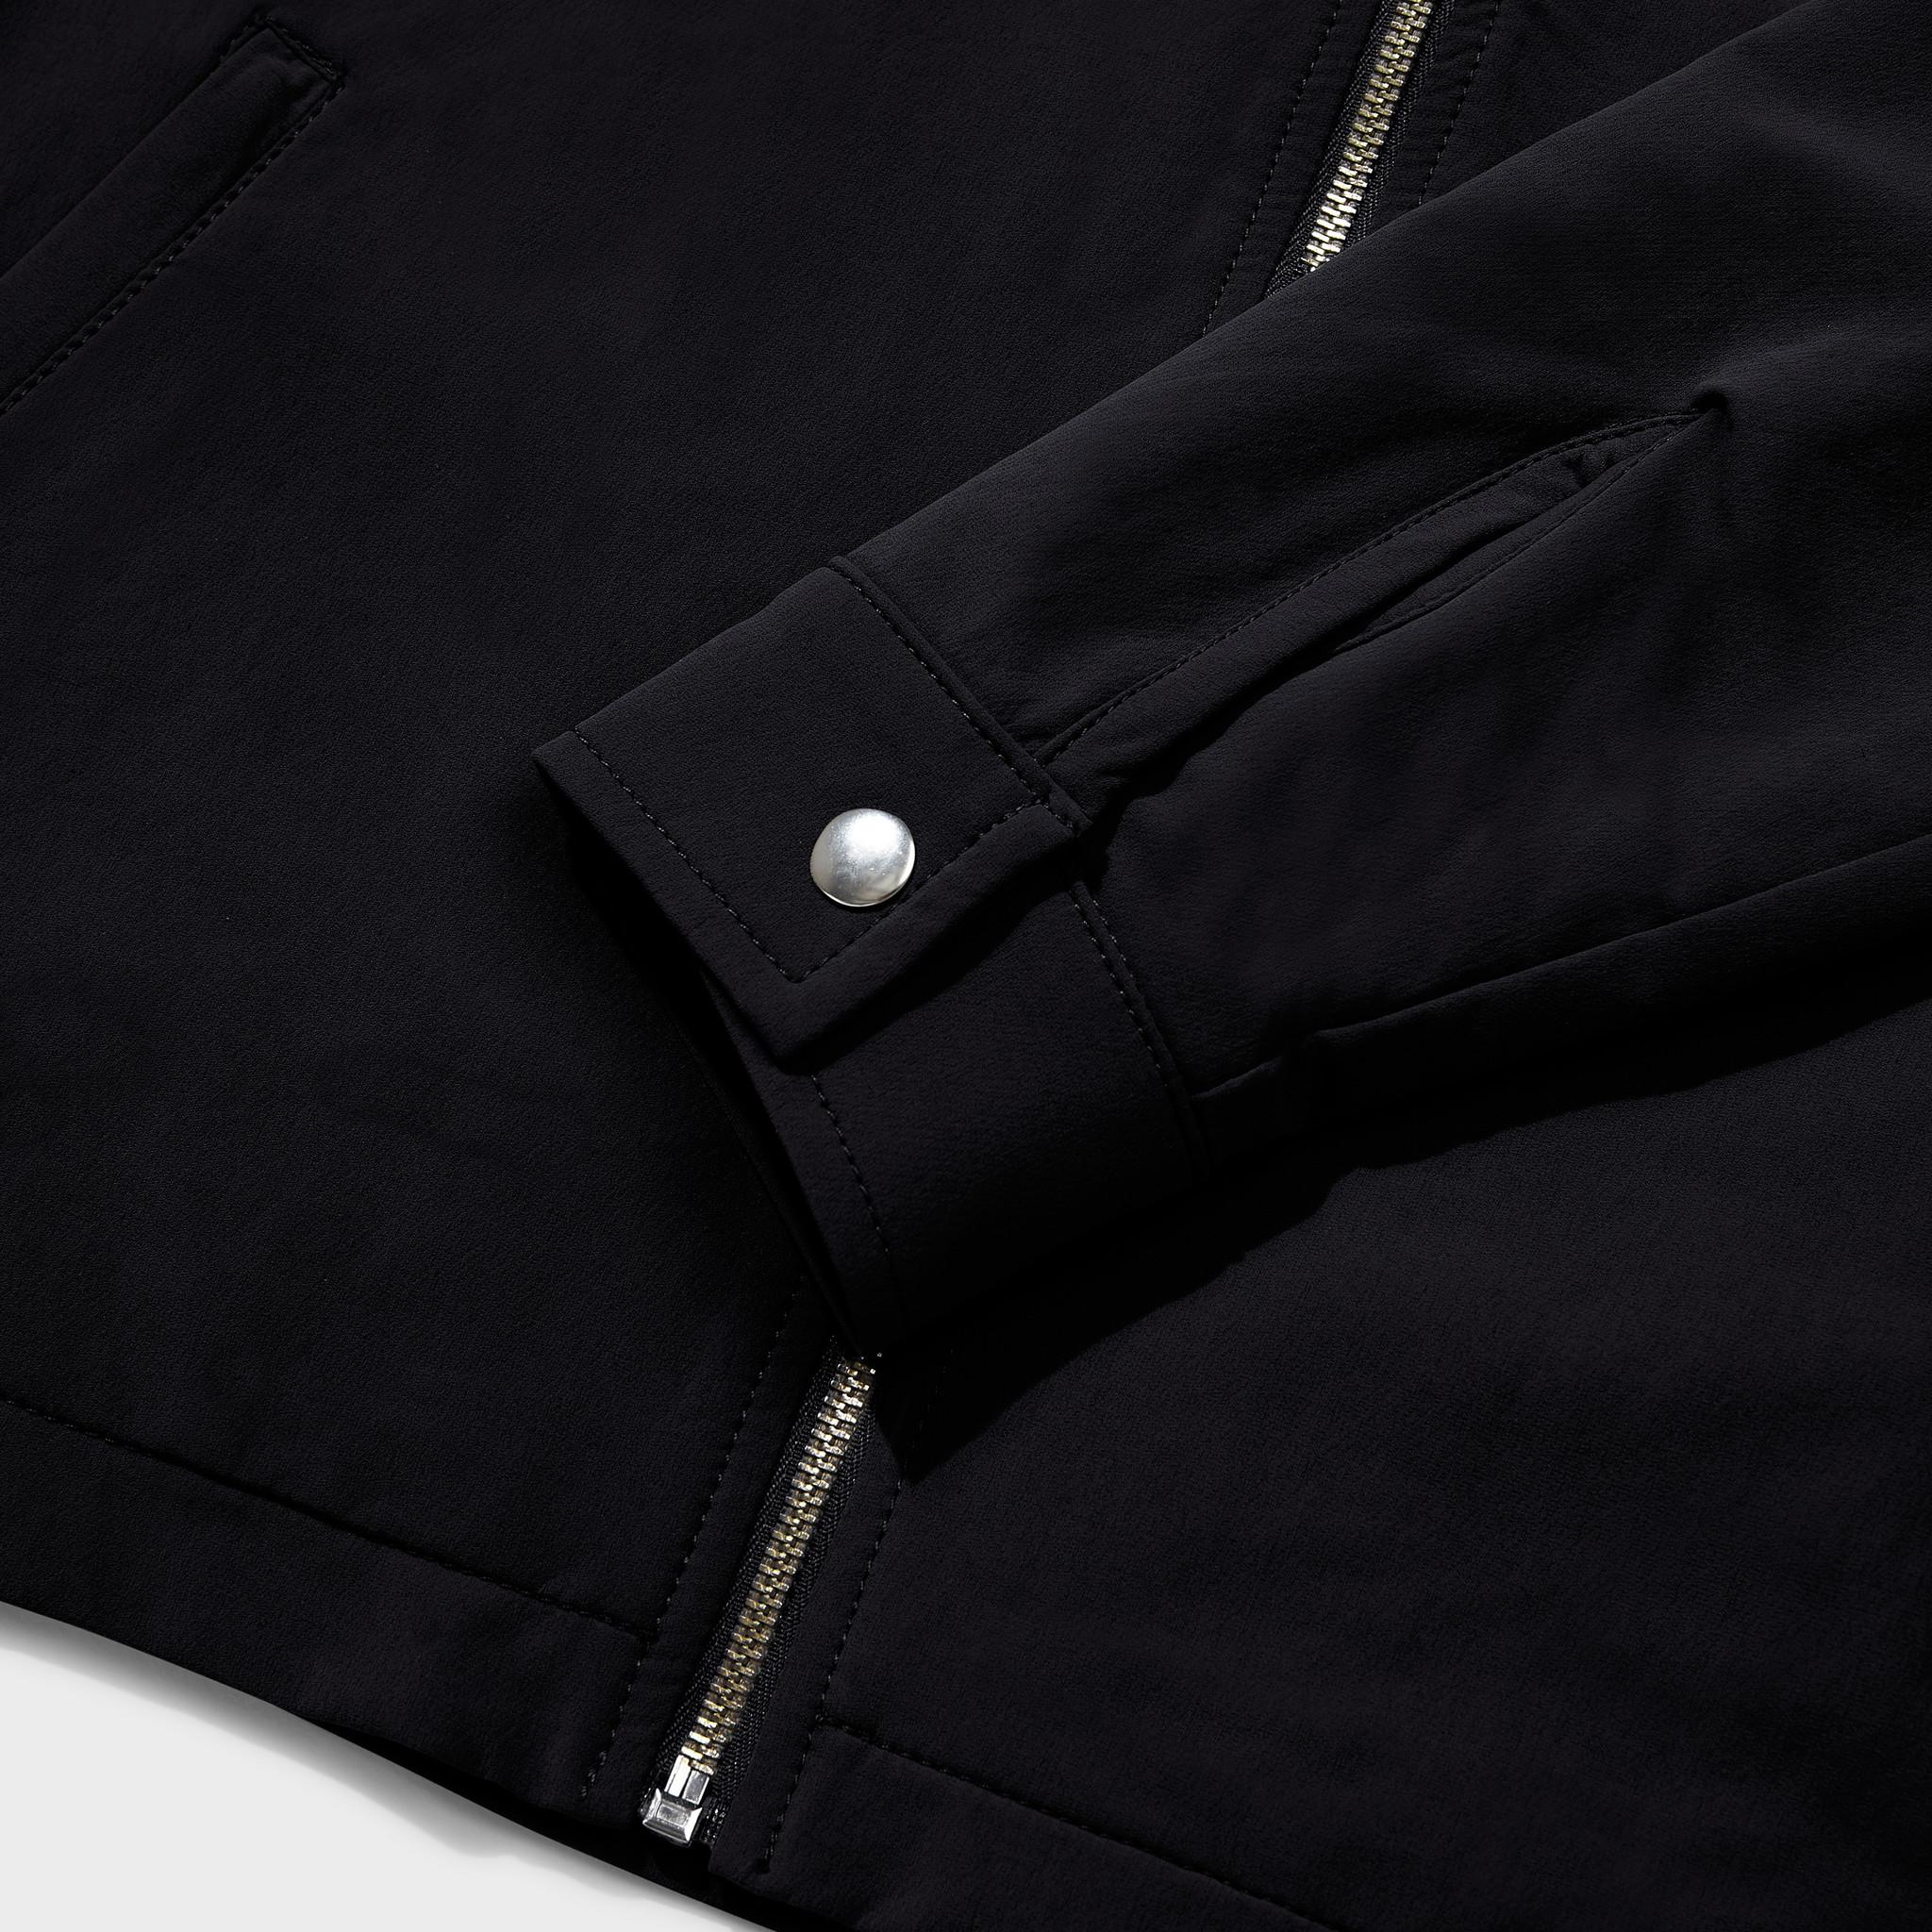 Cargo jacket black-4